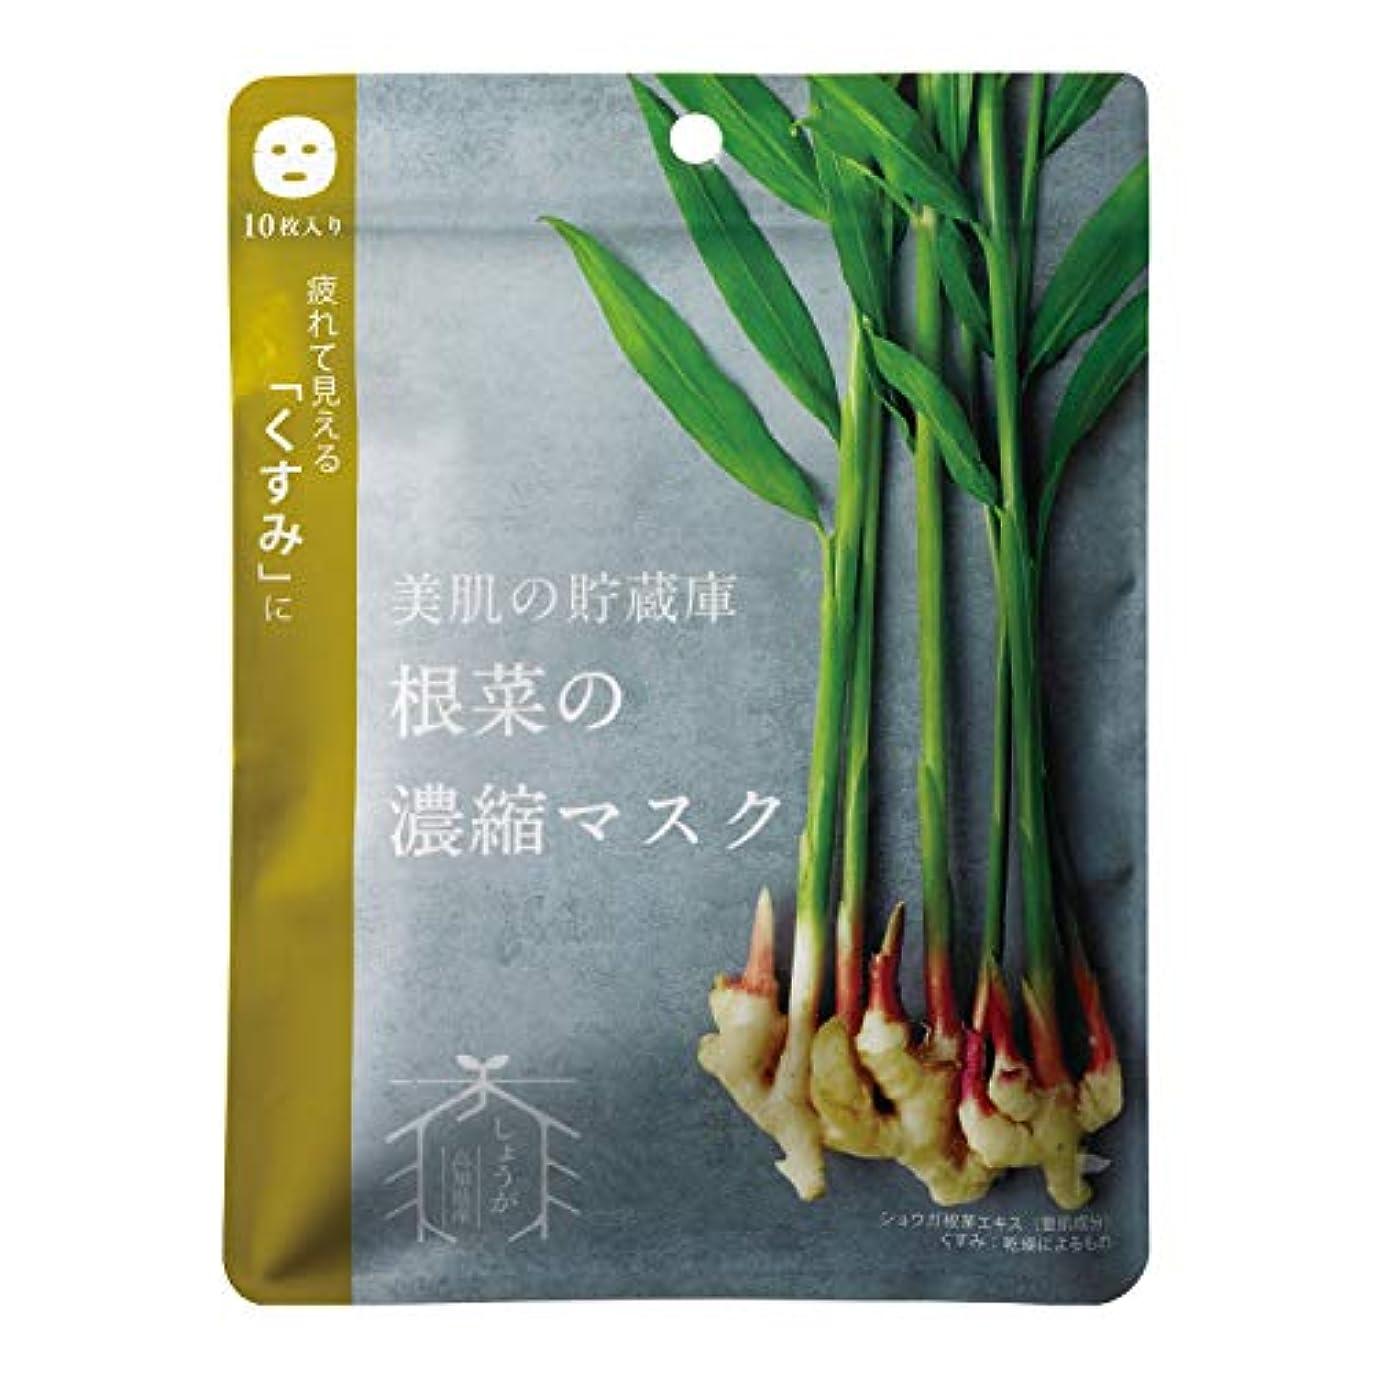 もう一度宿泊借りる@cosme nippon 美肌の貯蔵庫 根菜の濃縮マスク 土佐一しょうが 10枚 160ml